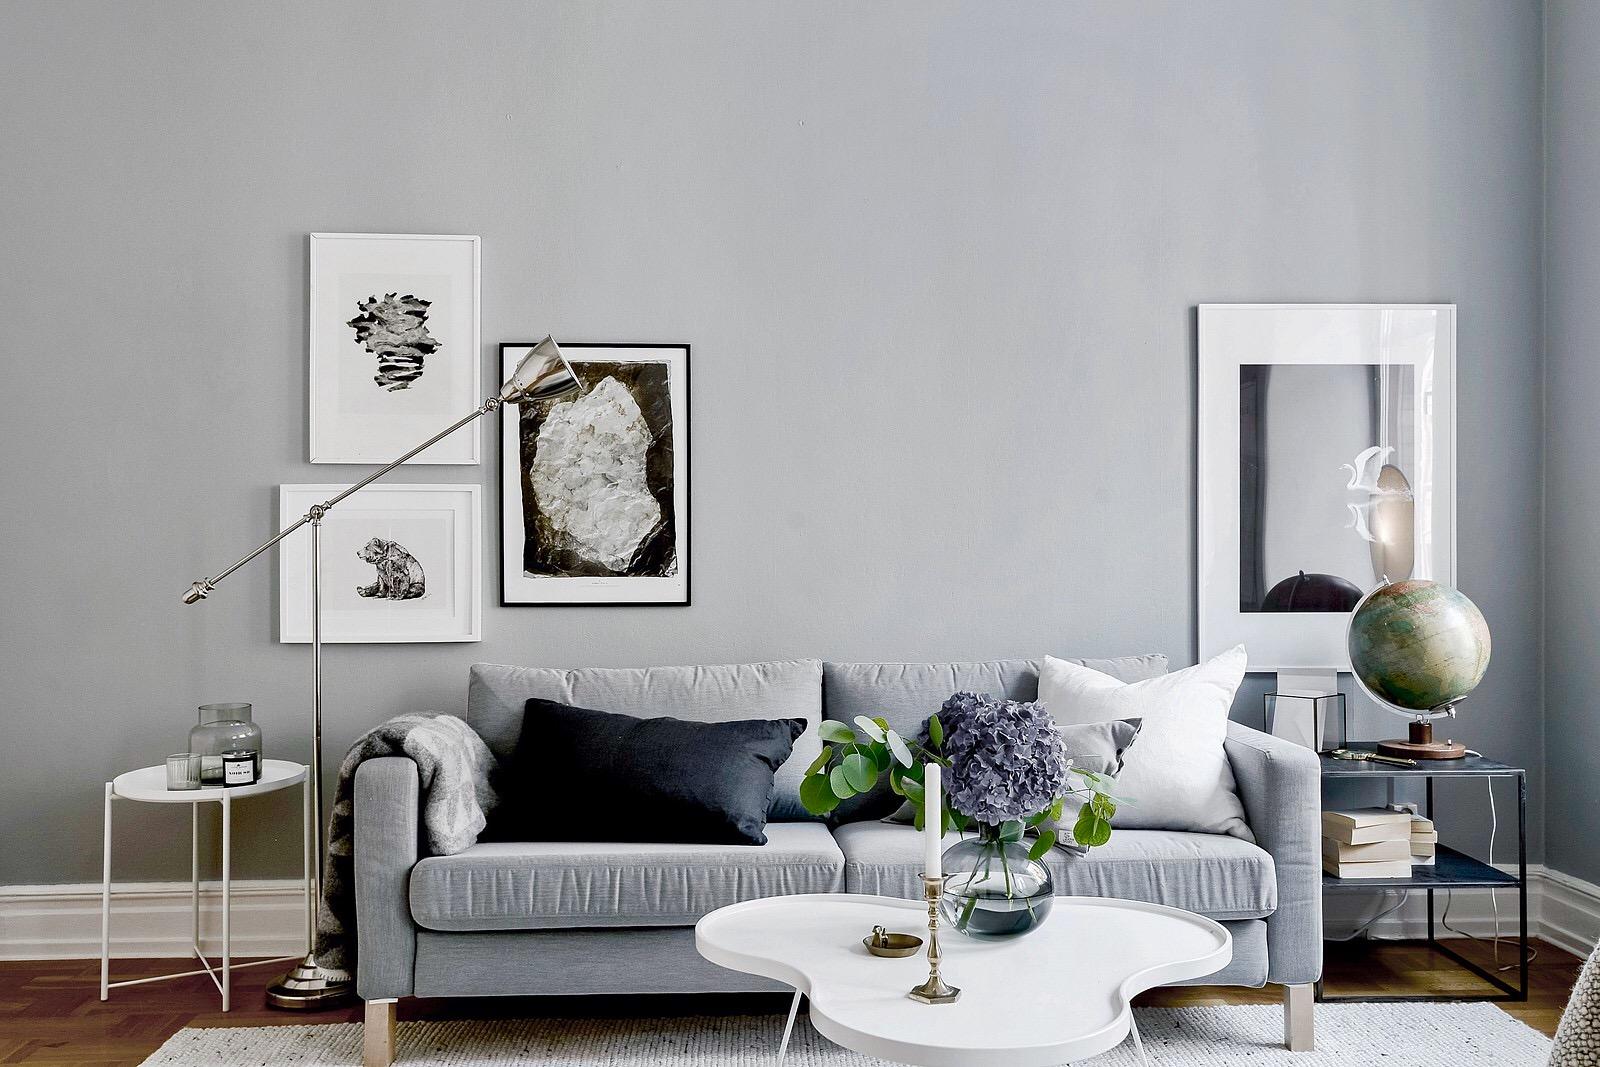 гостиная диван столик подсвечник ваза картины